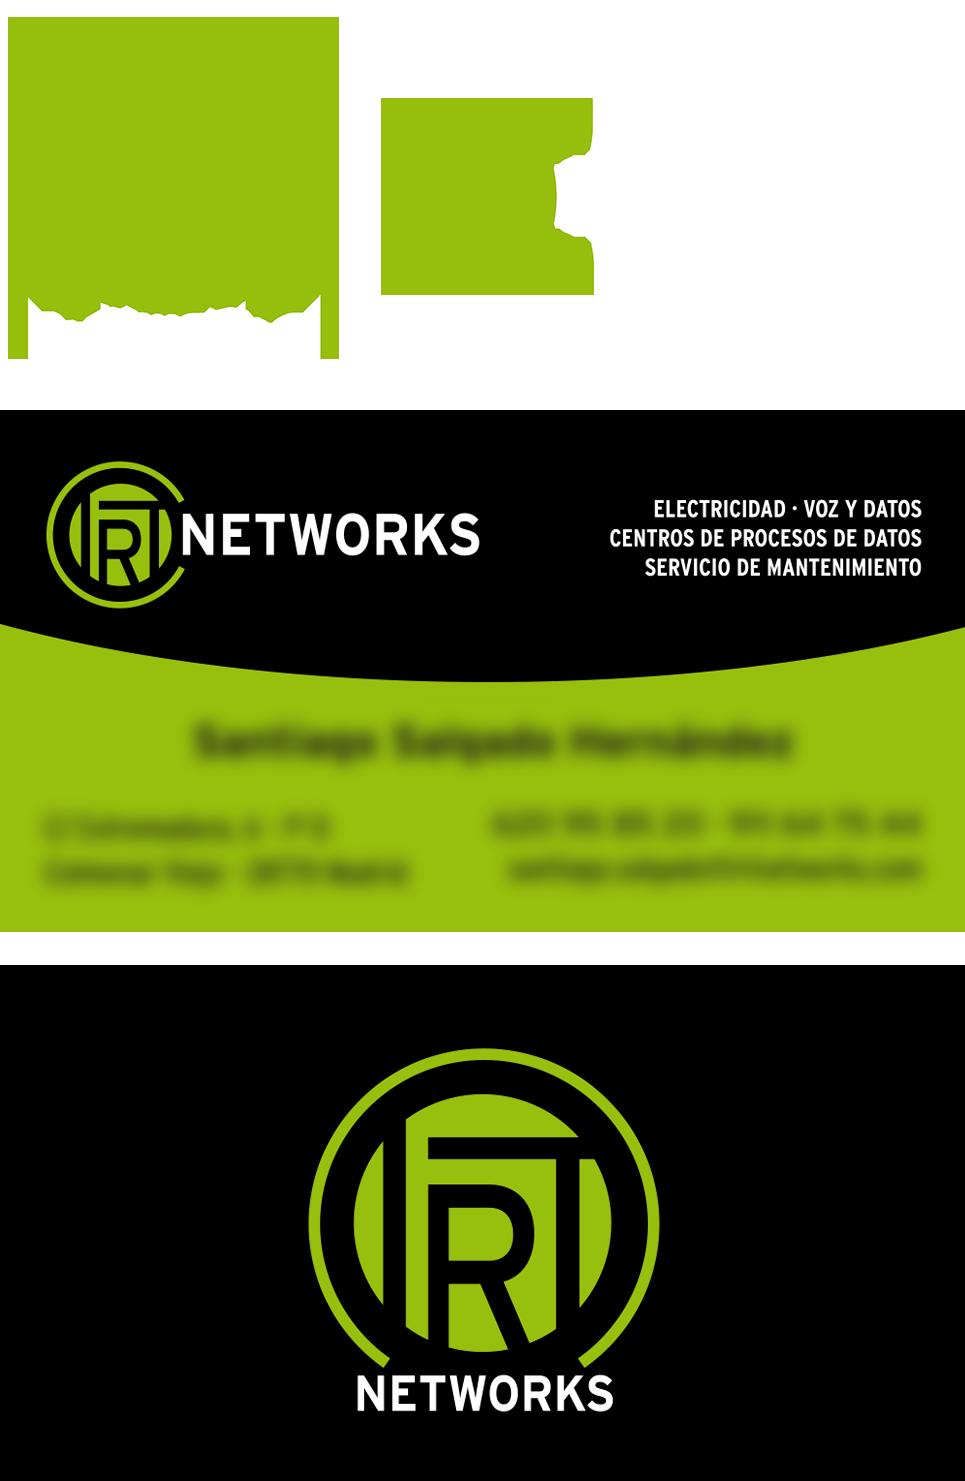 Portfolio Mónica Gil - Imagen corporativa de la empresa IRT Networks, compuesto de logotipos, tarjetas de visita y proximamente Página Web